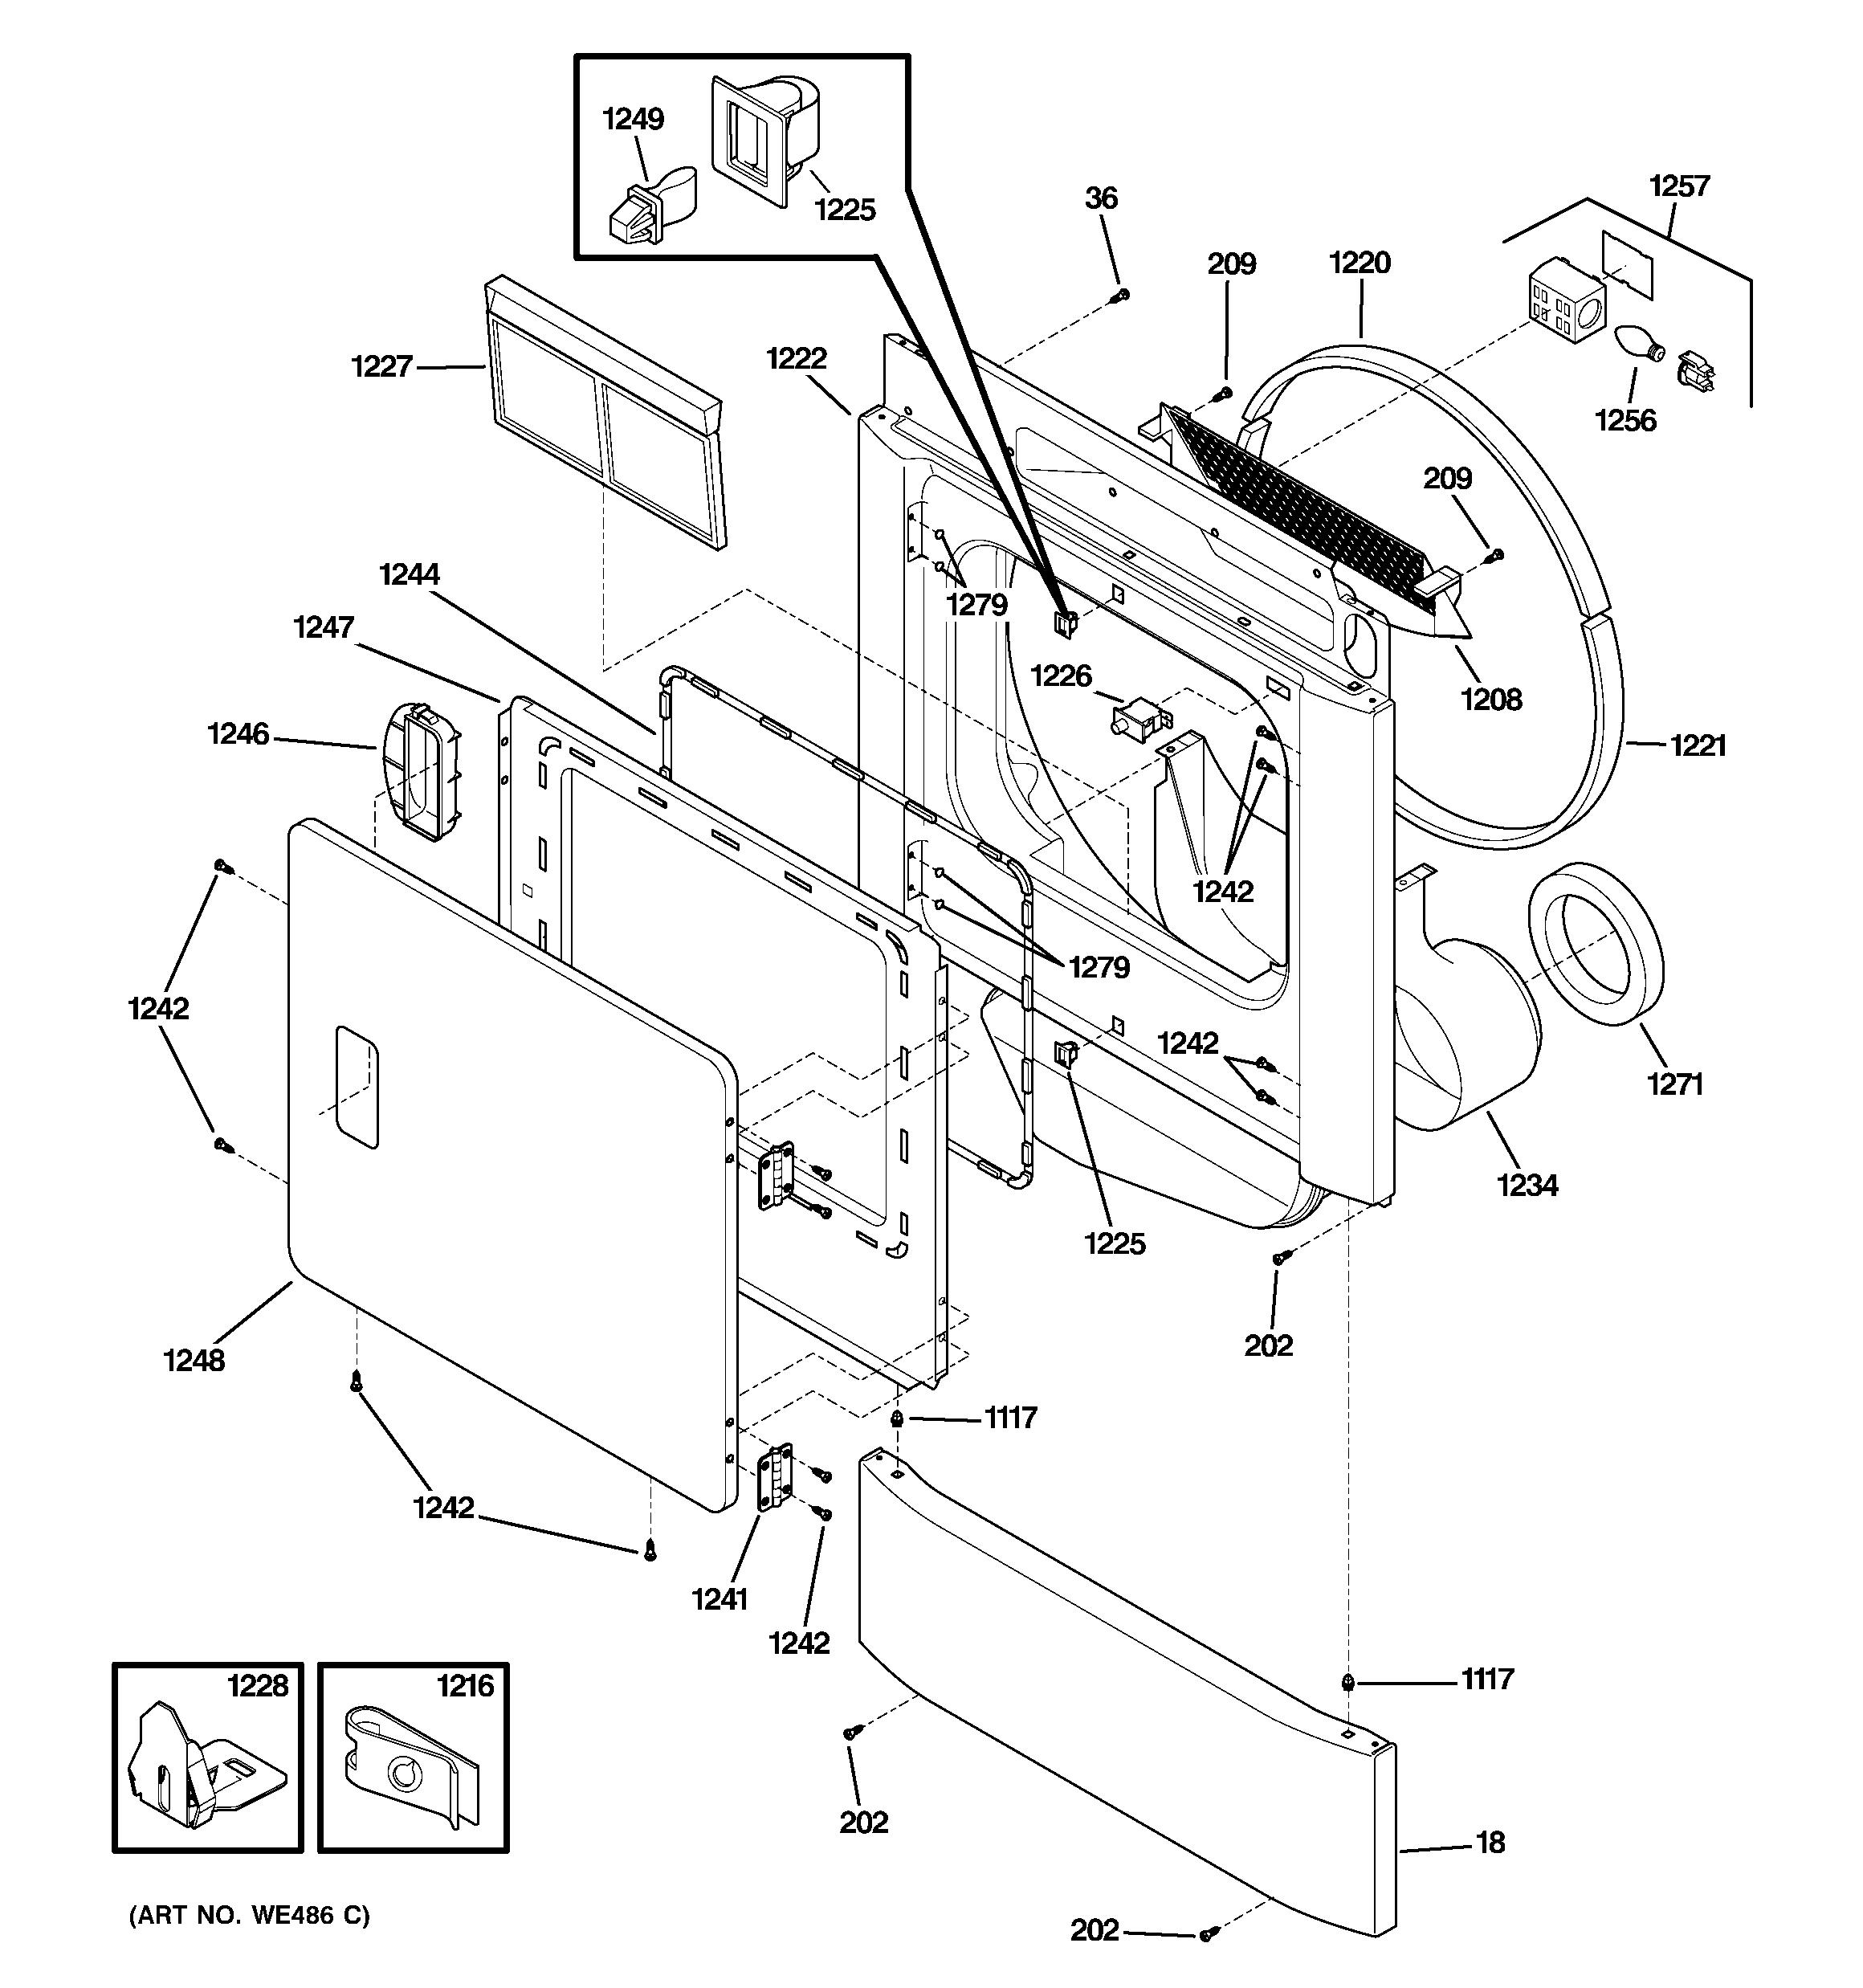 arctic cat jet ski wiring diagrams unique ge garbage disposal wiring diagram diagram diagramsample  wiring diagram diagram